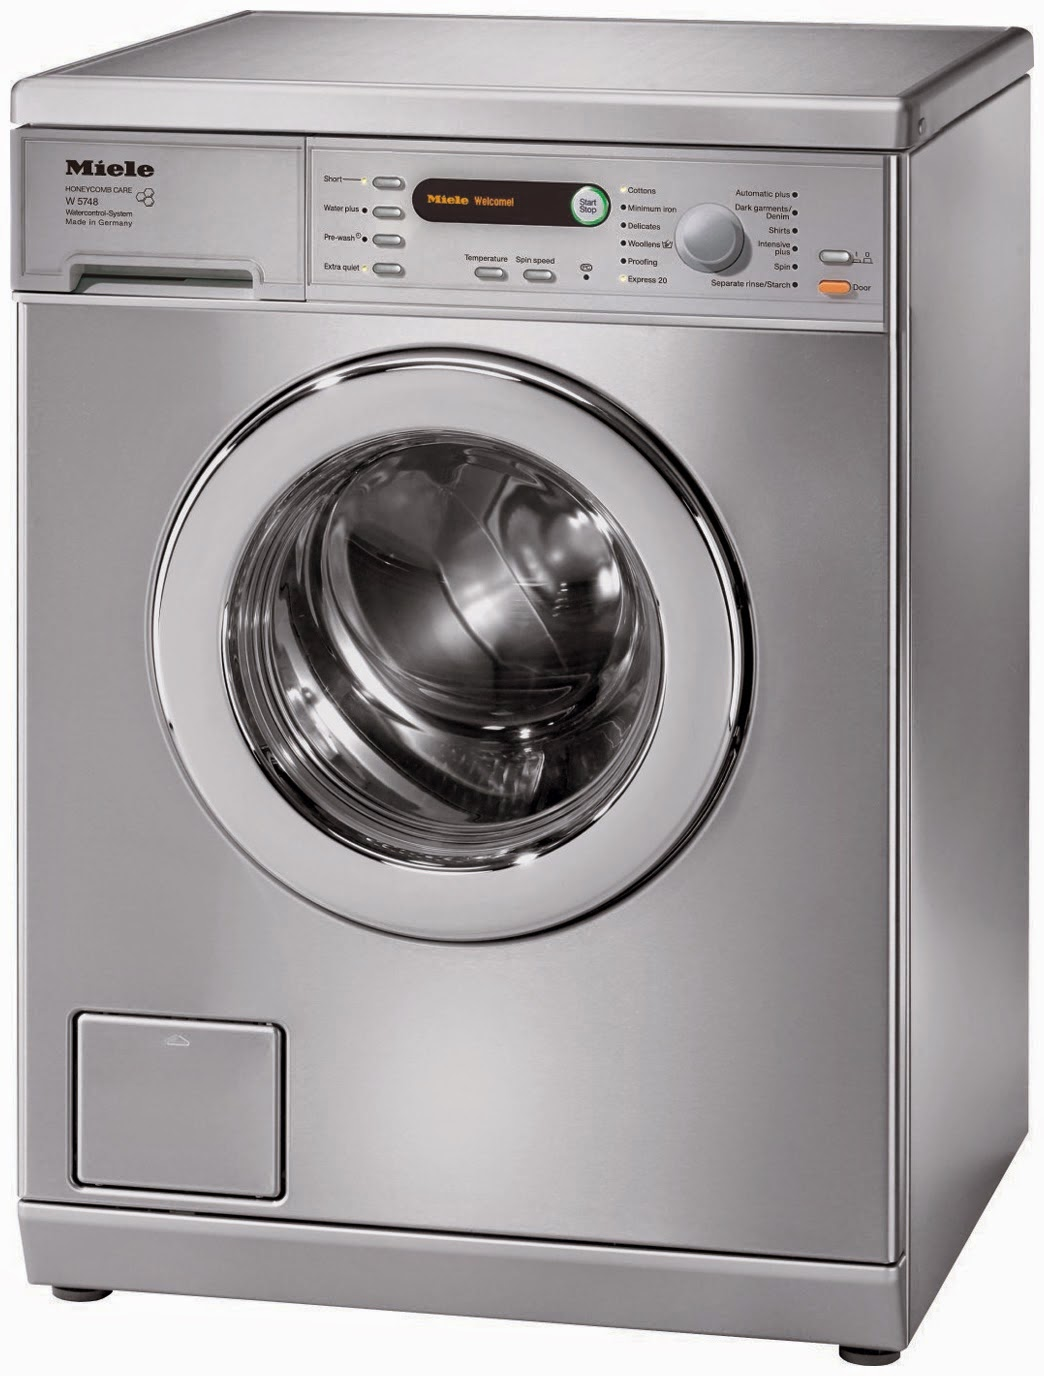 Daftar Harga Mesin Cuci Semua Merk Terbaru November 2017